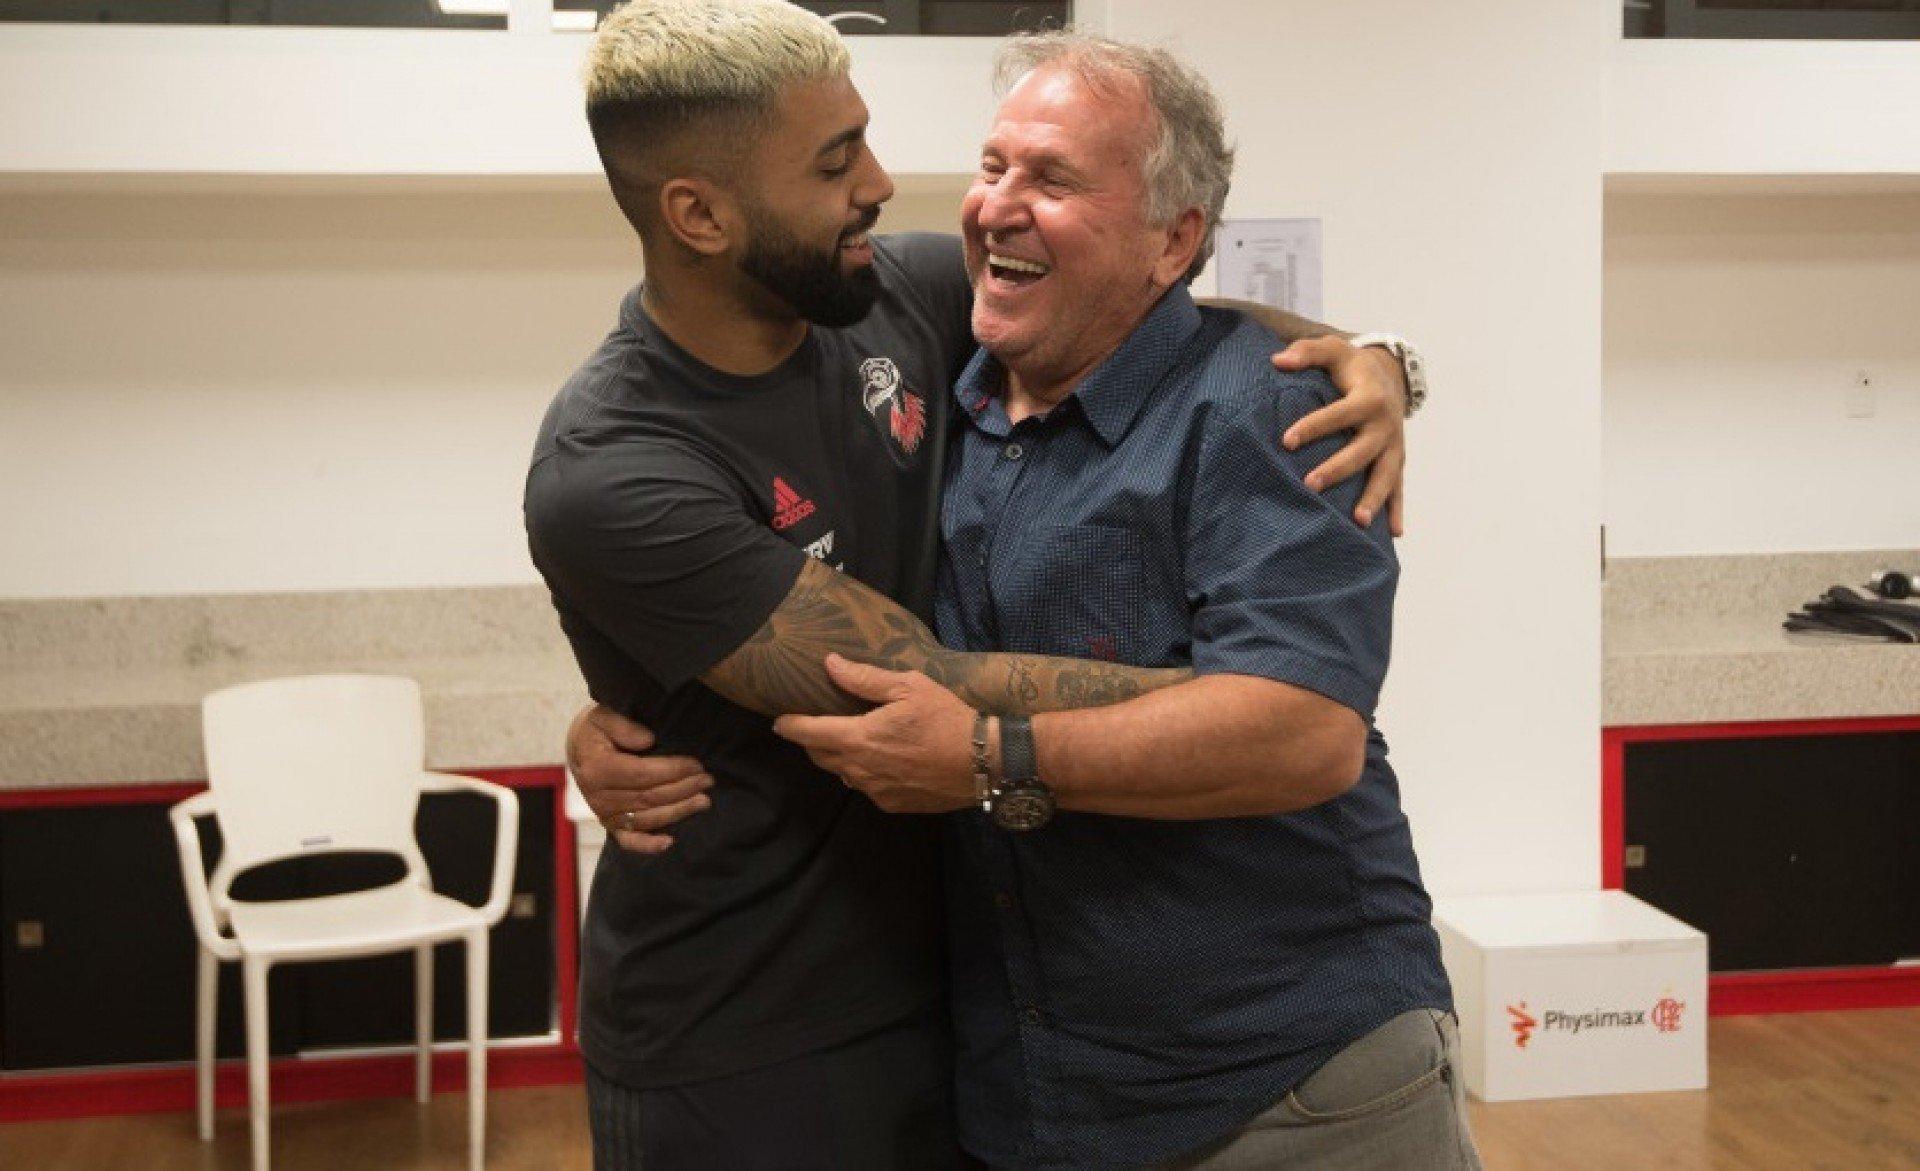 Zico defende atleta perseguido por torcedores e relembra saída de craque do Flamengo: 'Já perdemos jogadores por isso'